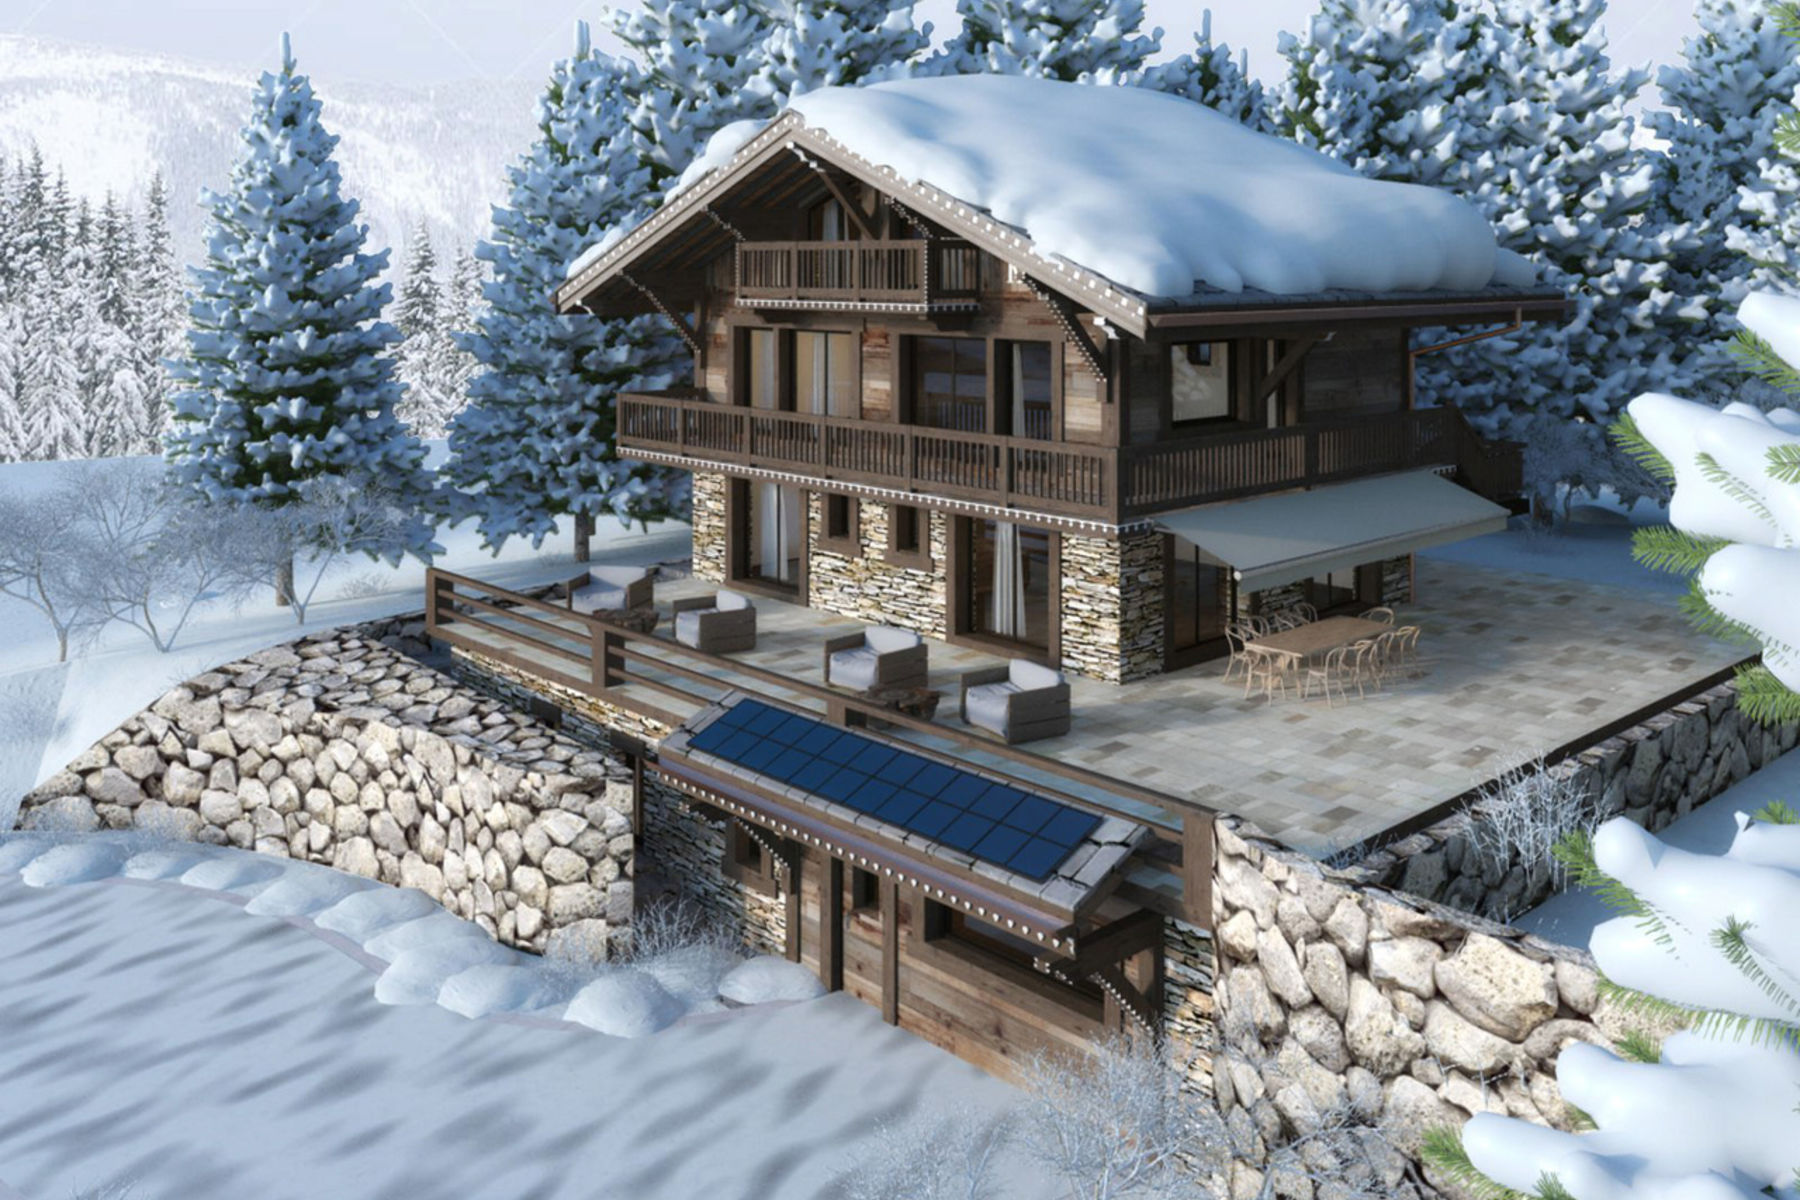 Частный односемейный дом для того Продажа на Chalet KibiByte Route de la Résidence 45 Villars-Sur-Ollon, Во, 1884 Швейцария